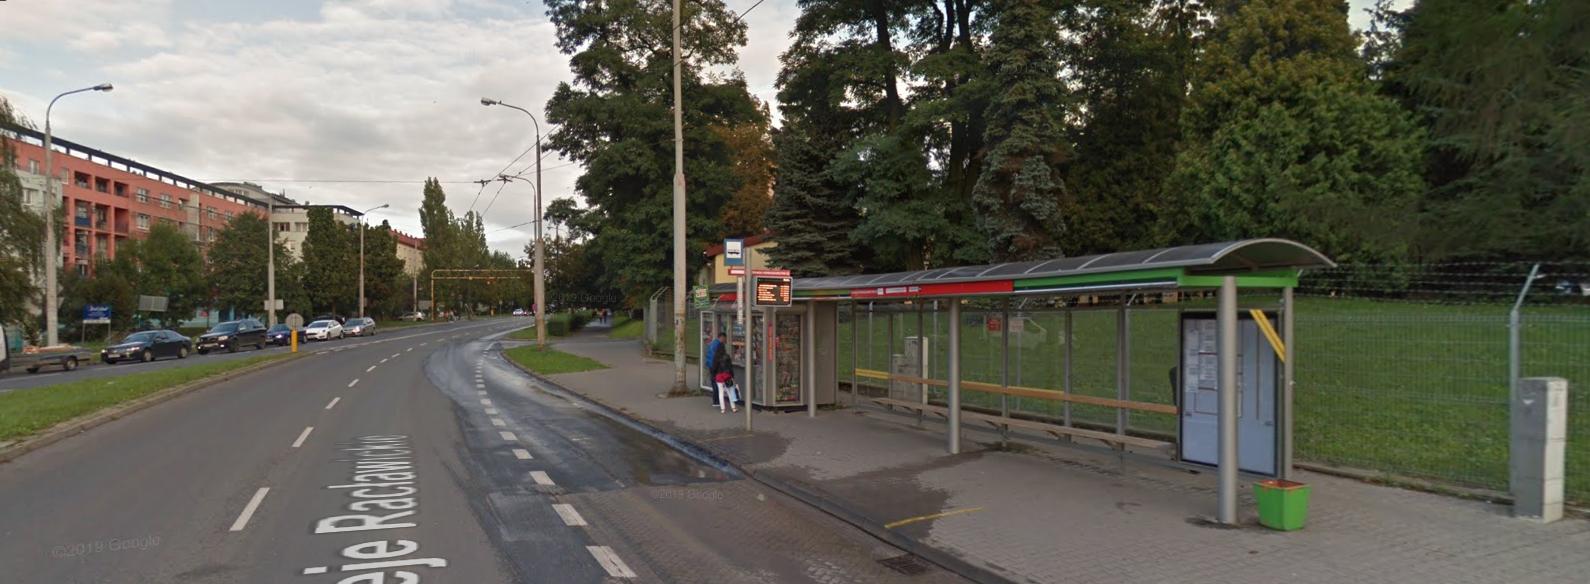 Jeden przystanek nieczynny, drugi w innym miejscu. ZTM w Lublinie wprowadza zmiany  - Zdjęcie główne